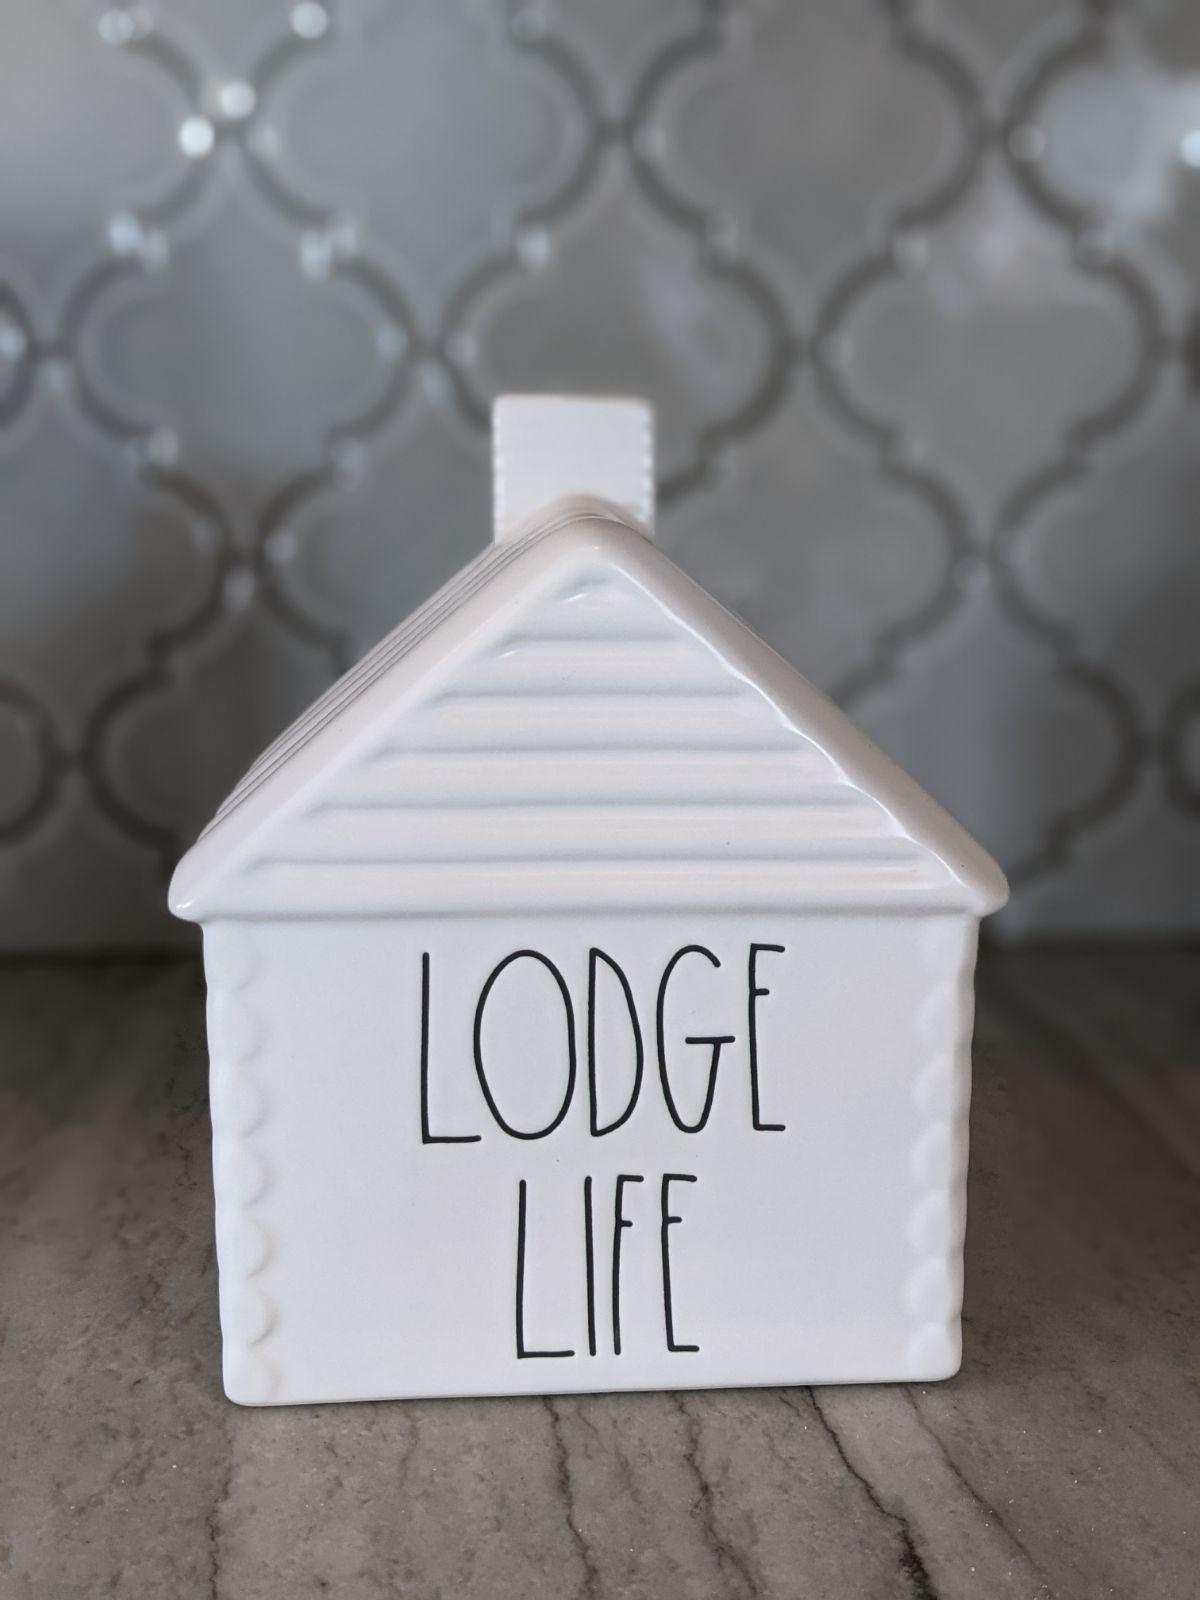 Rae Dunn lodge life cabin